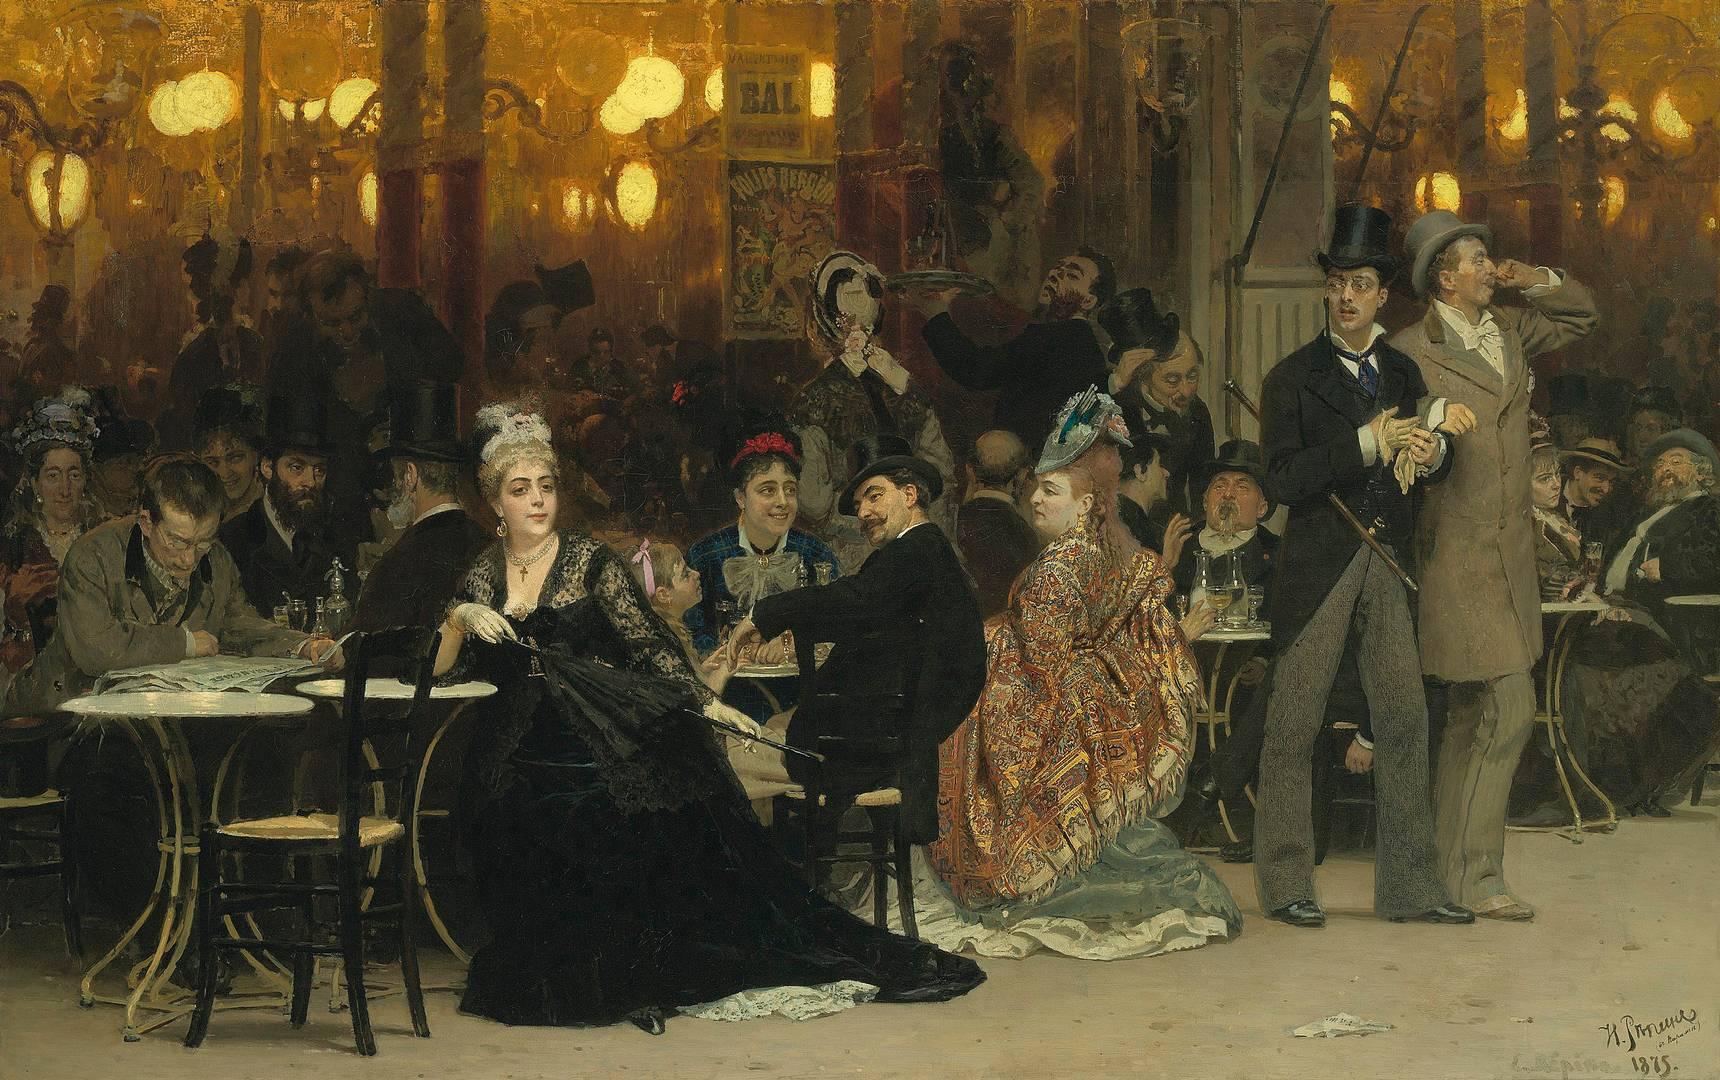 Илья Репин. Парижское кафе. 1885